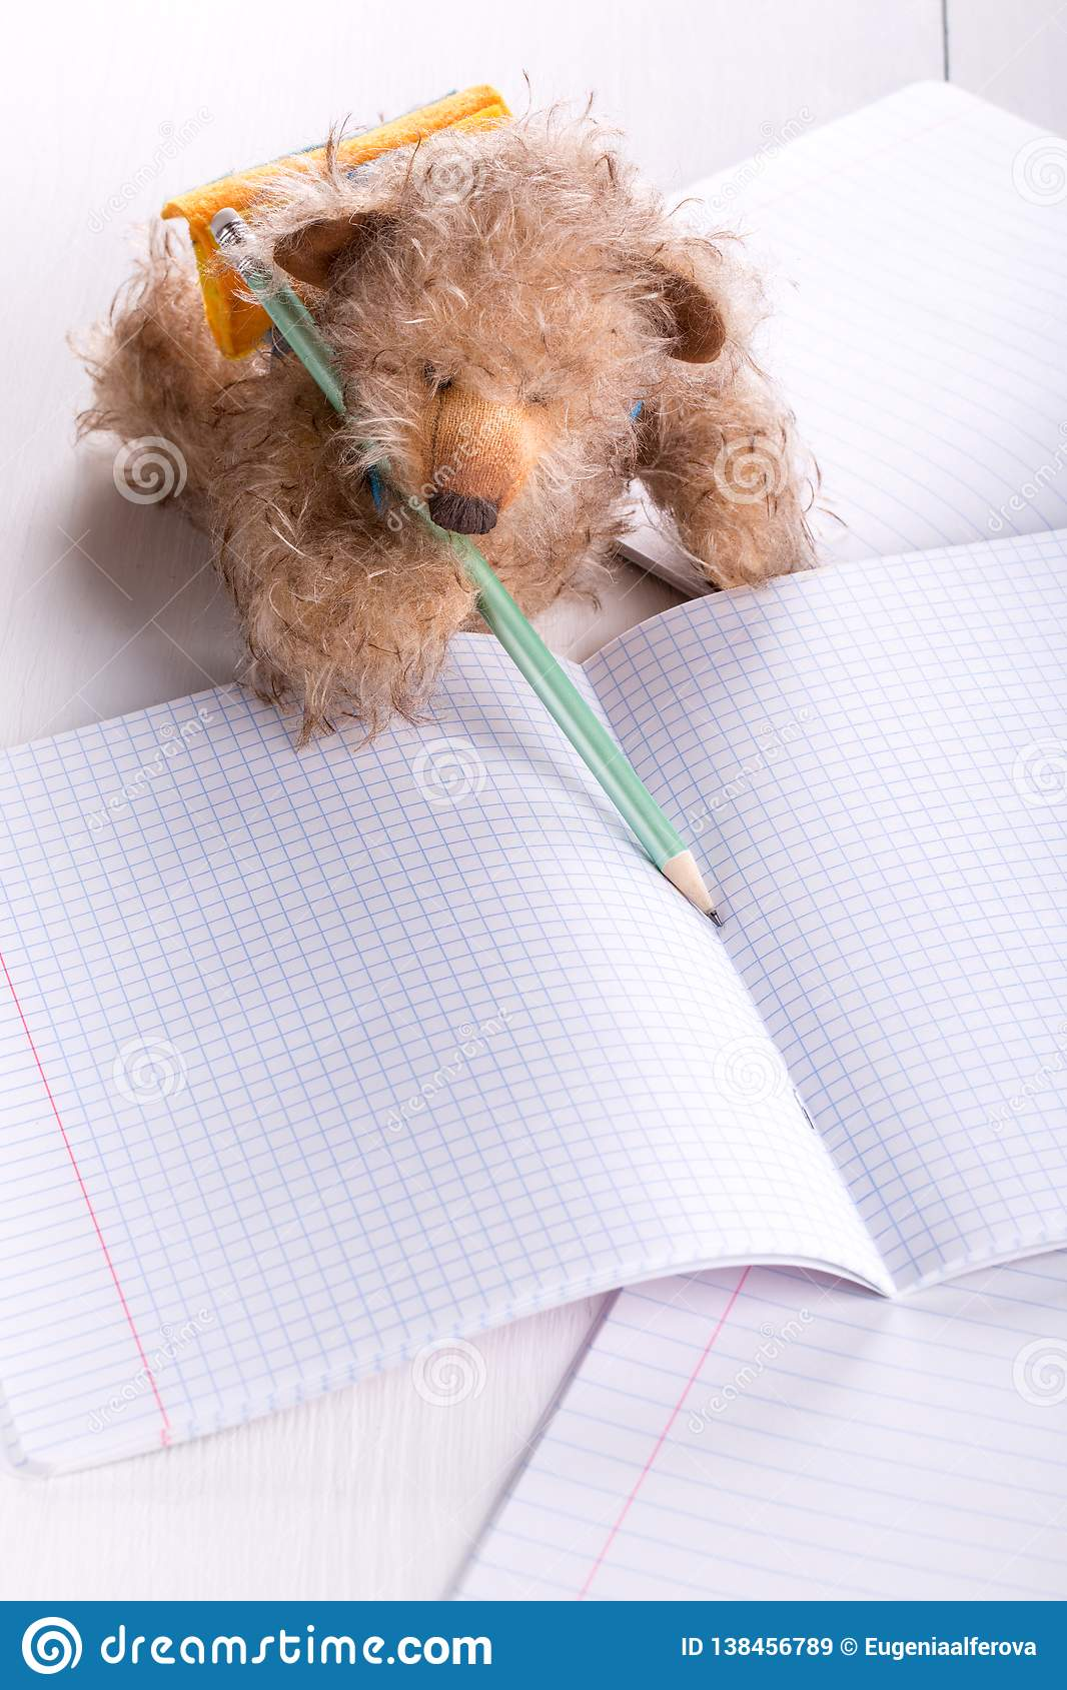 Teddy bear schoolboy